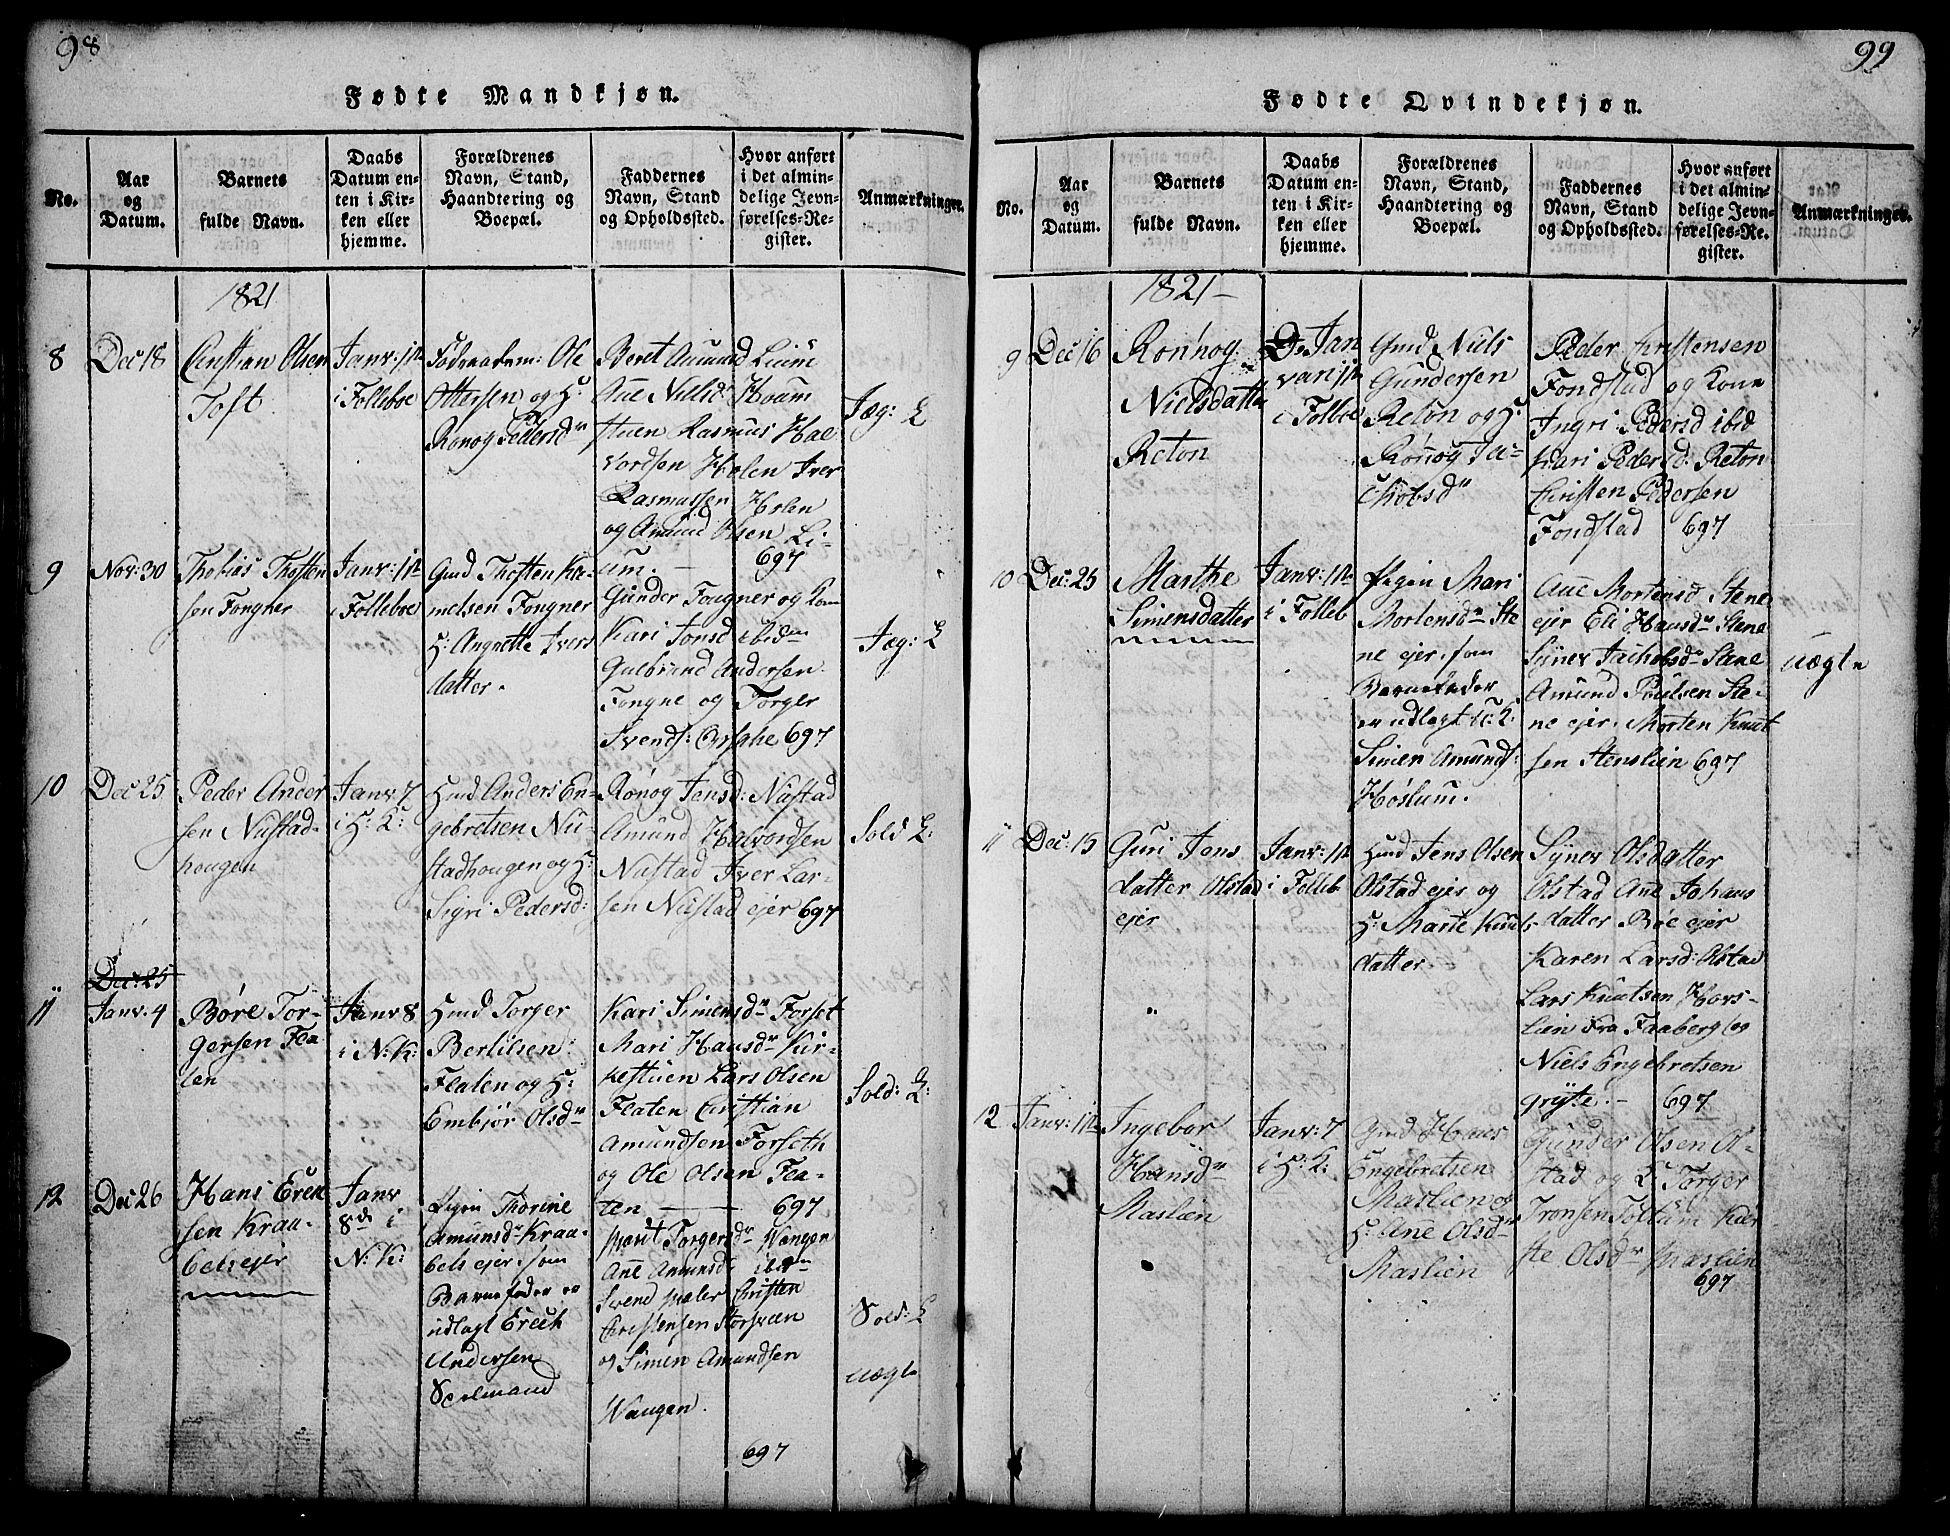 SAH, Gausdal prestekontor, Klokkerbok nr. 1, 1817-1848, s. 98-99